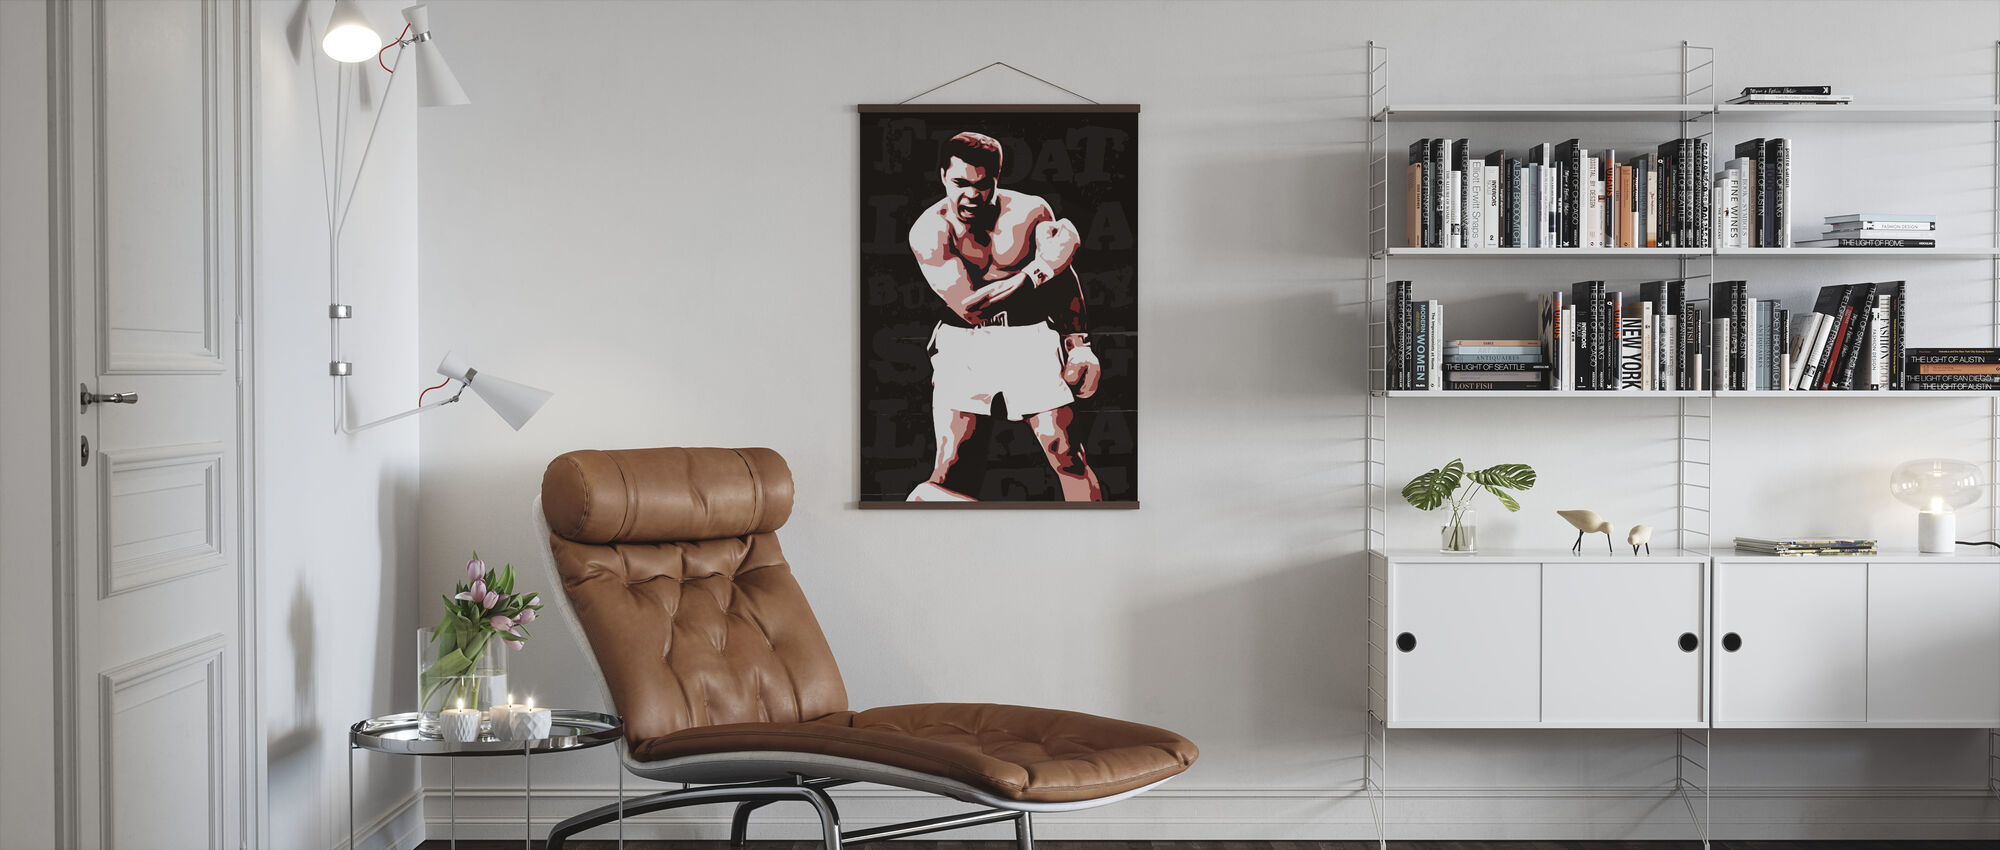 Ali - Poster - Living Room